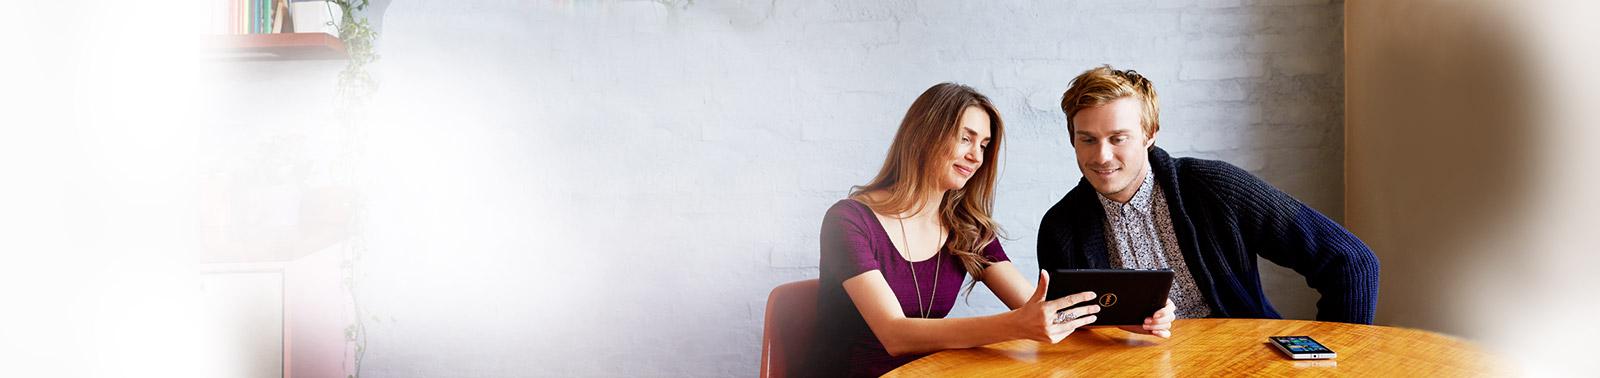 Egy nő az asztalnál ül, táblagépet tart, és a mellette lévő férfinak mutatja.